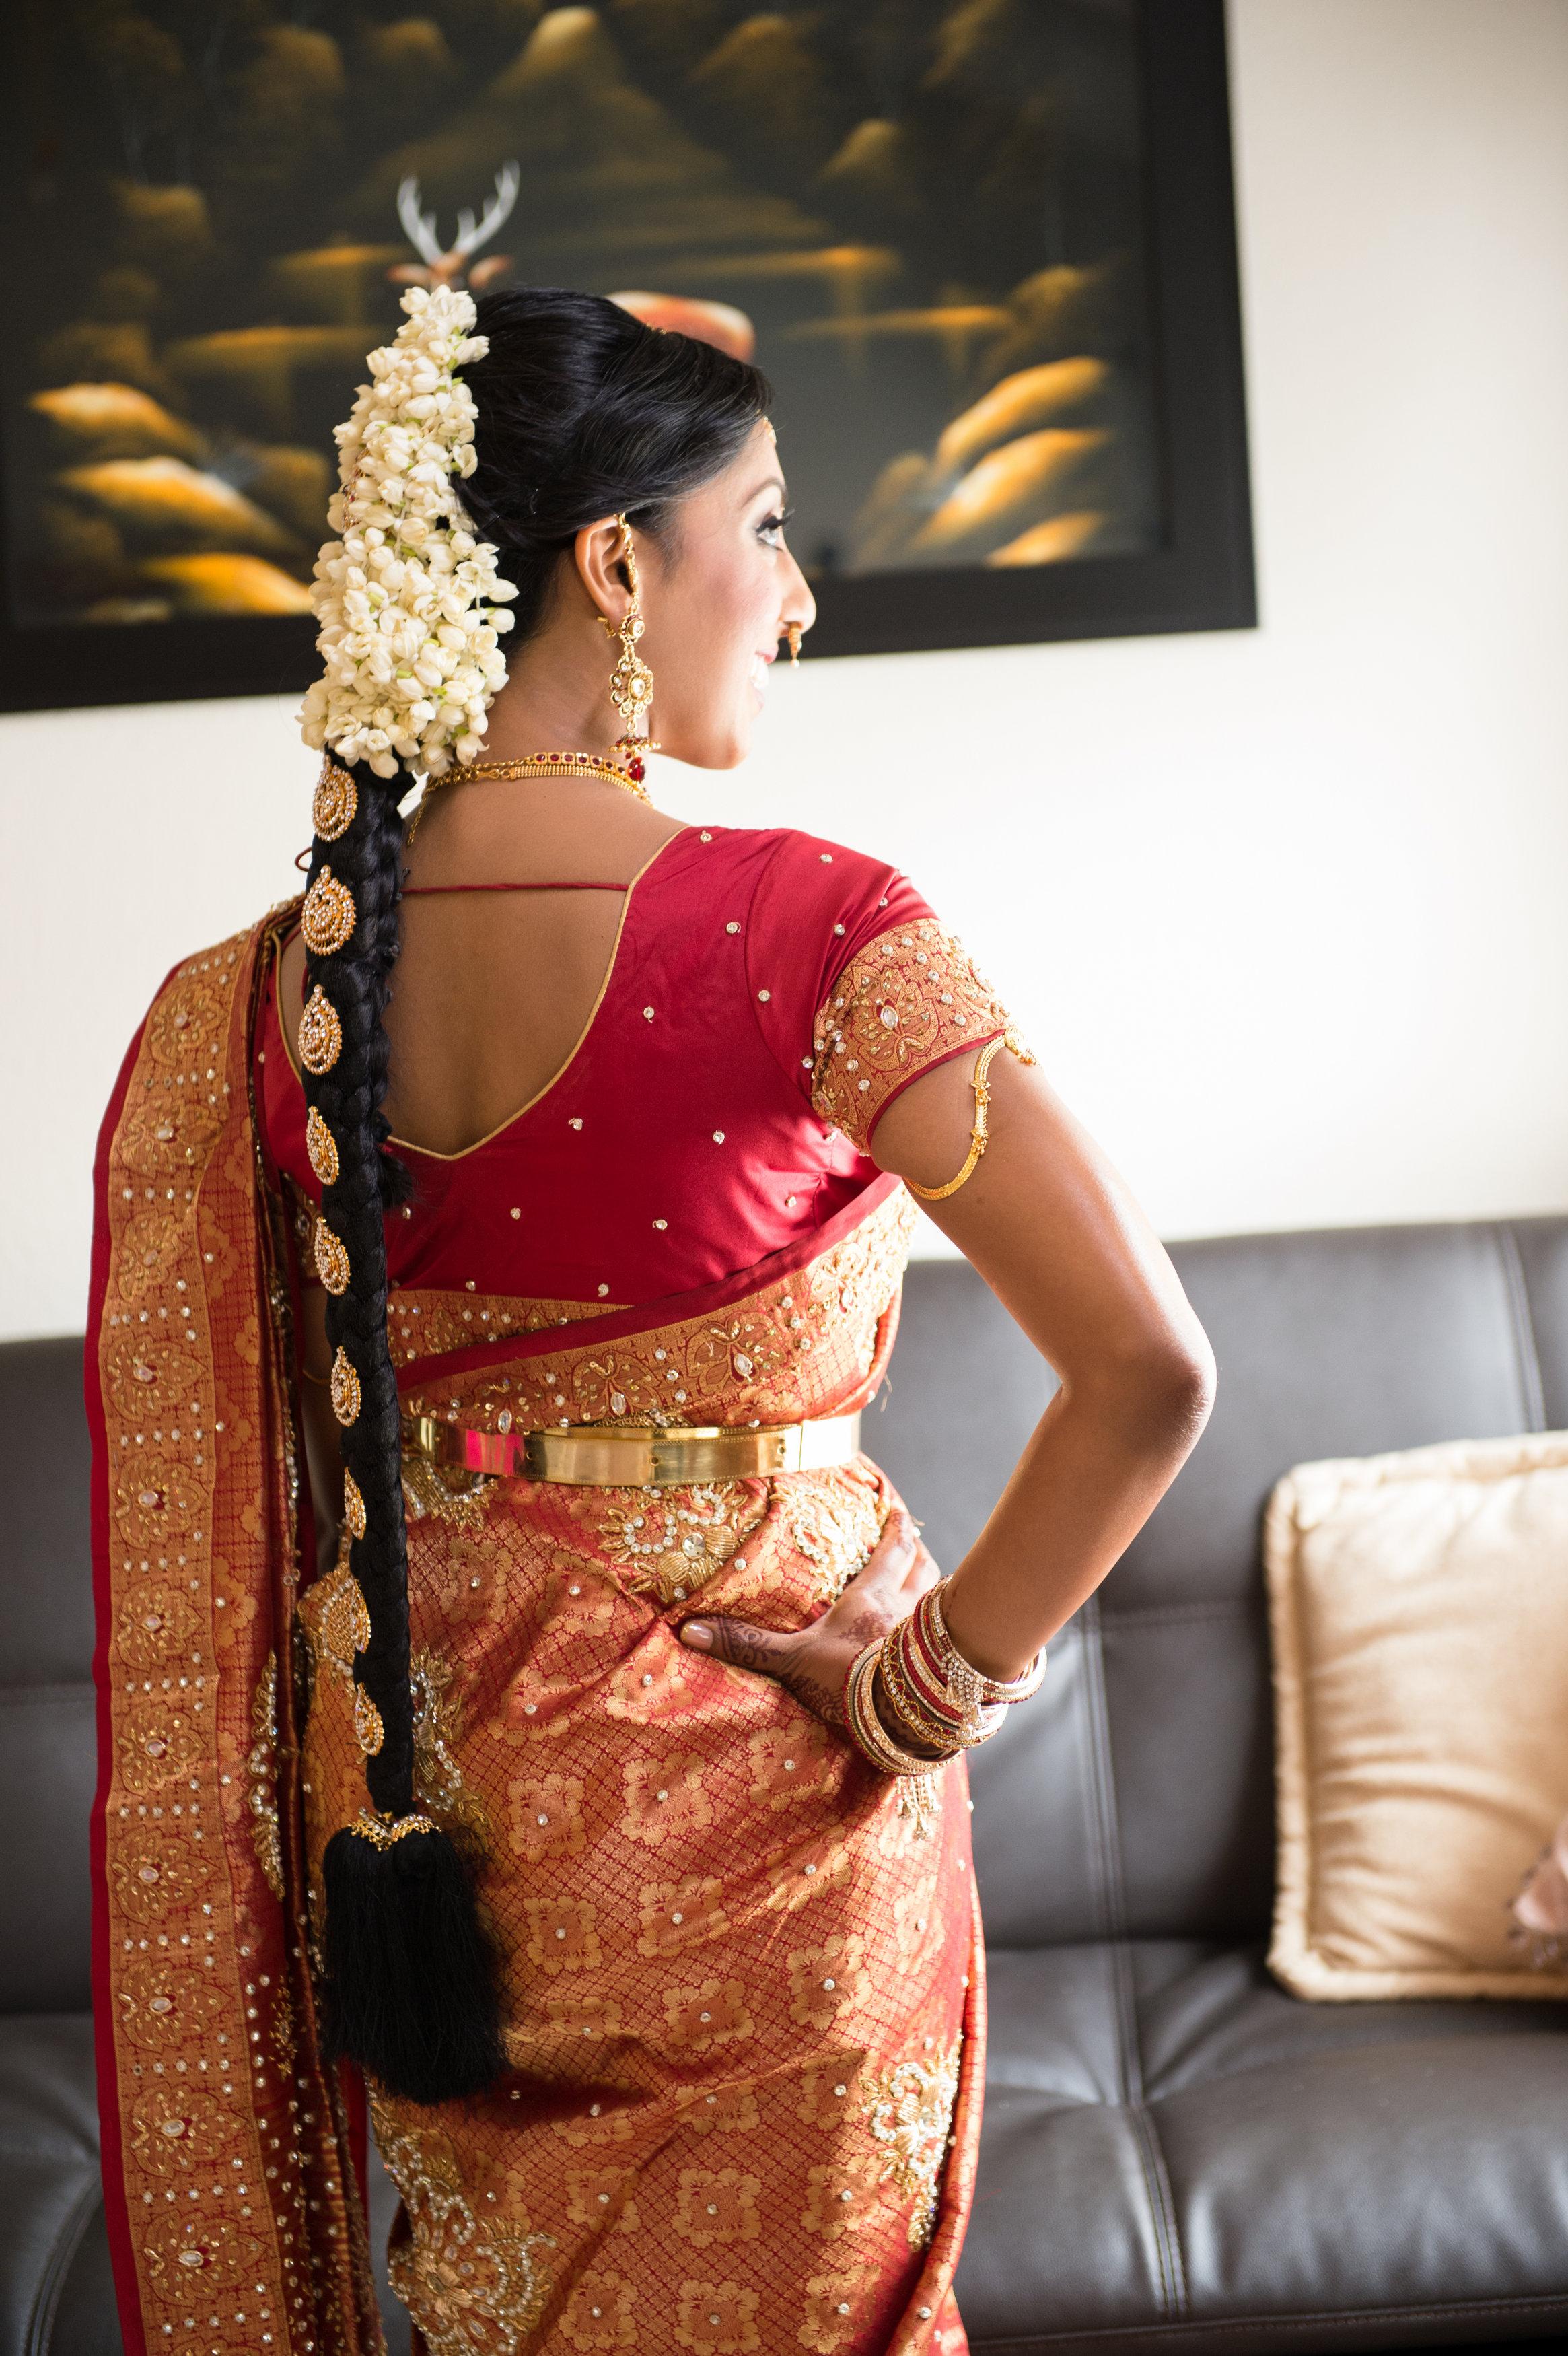 1-Sri Lankan Wedding Photography-Shiva Vishnu Temple019.jpg